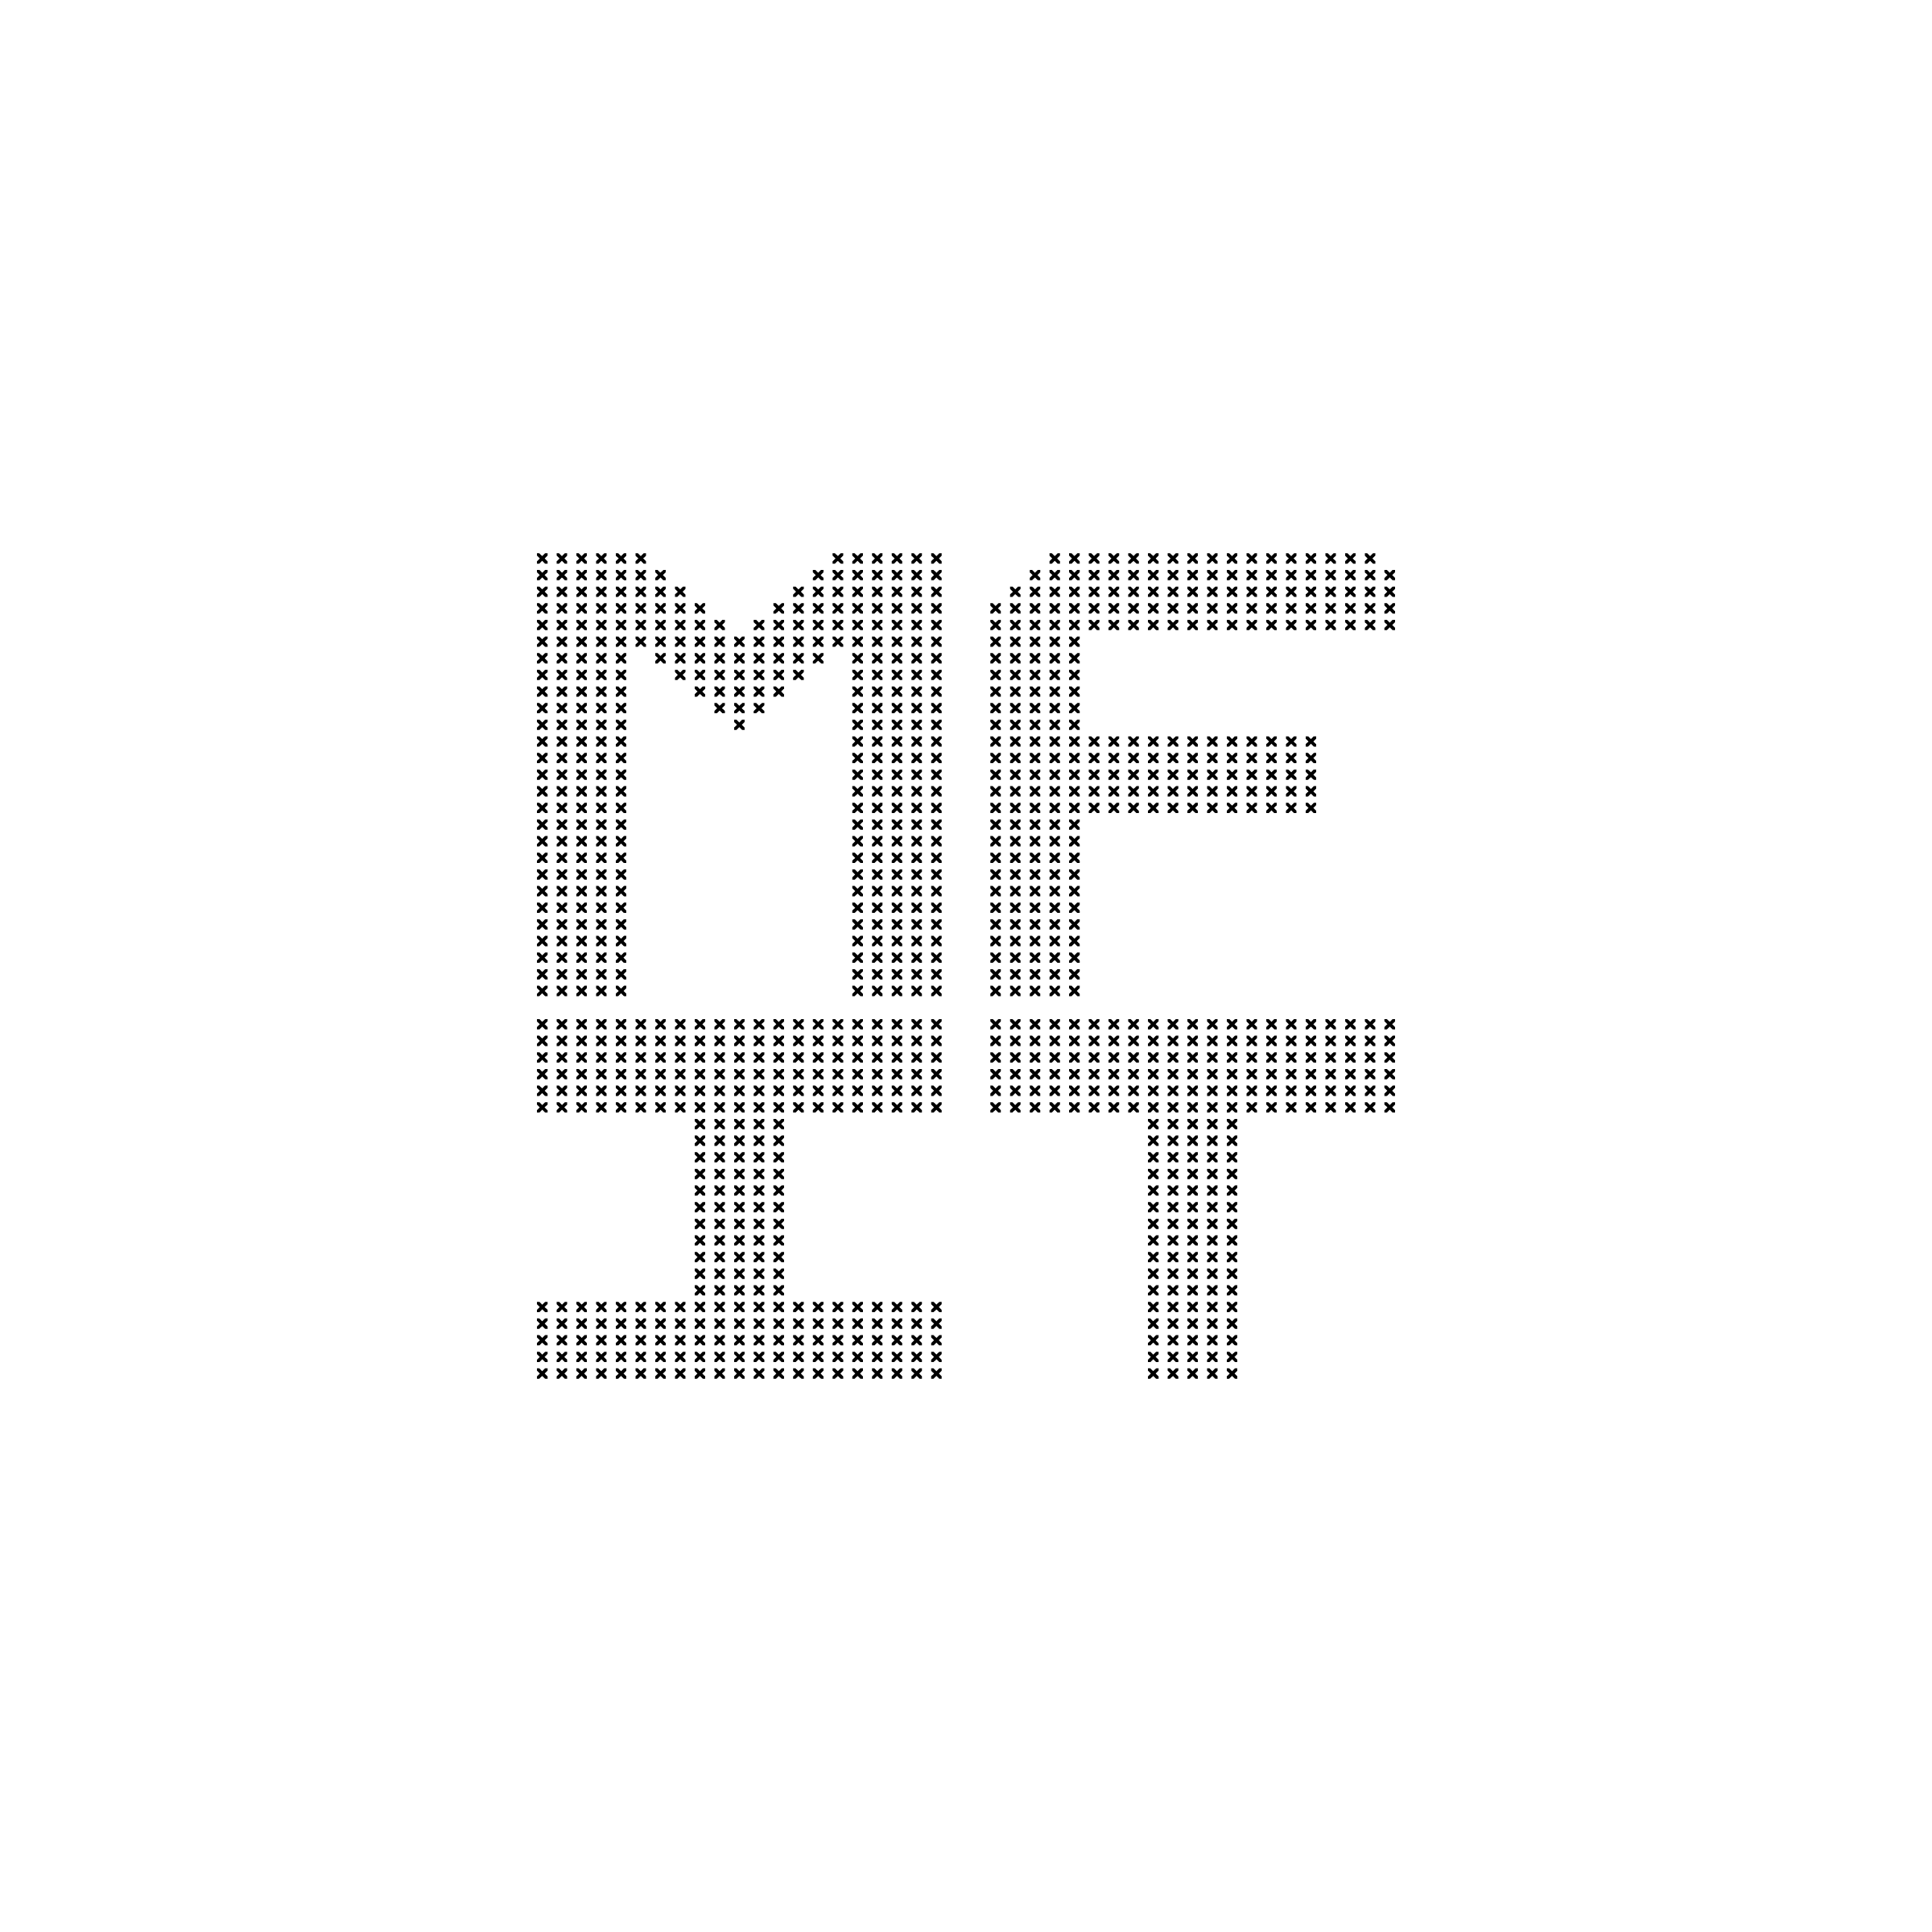 wk 12 logos-13.png